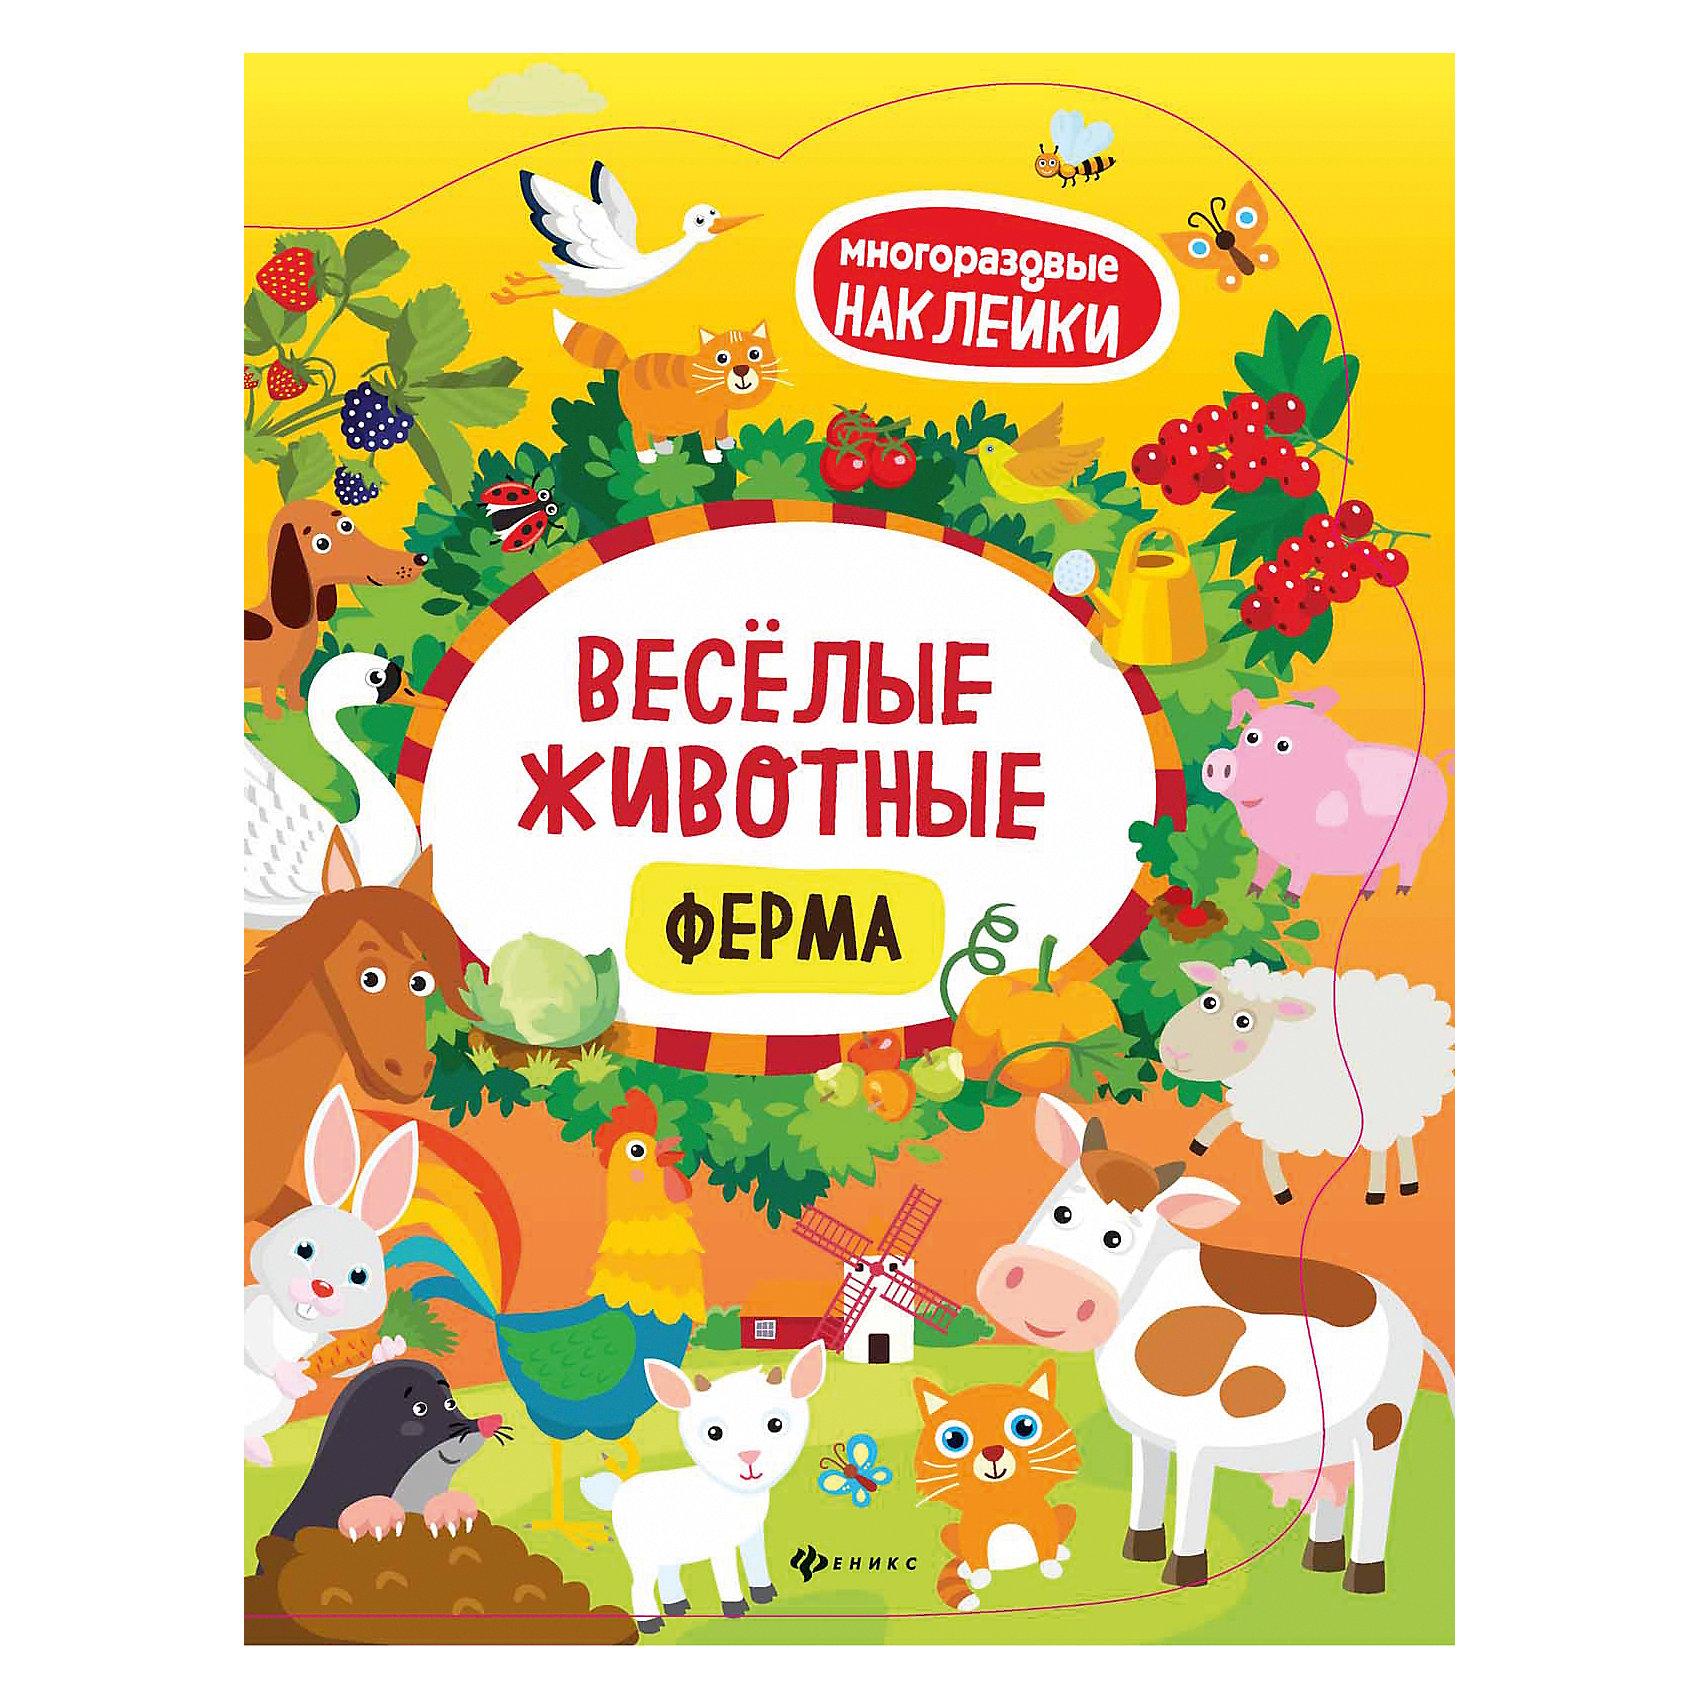 Веселые животные Ферма: книжка с наклейкамиКнижки с наклейками<br>Фантазируй, приклеивай животных и сочиняй истории<br>Дополни картинки, используя красочные наклейки, которые ты найдёшь внутри книги. Наклейки с изображениями забавных животных помогут тебе создать<br>чудесную историю в картинках на каждой странице.<br>Украшать книгу наклейками - занятие не только интересное, но и полезное, так как<br>• способствует развитию воображения, мелкой моторики;<br>• позволяет лучше угнать окружающий мир;<br>• положительно влияет на речевое и интеллектуальное развитие;<br>• учит находить ипринимать решения.<br><br>Ширина мм: 256<br>Глубина мм: 200<br>Высота мм: 10<br>Вес г: 40<br>Возраст от месяцев: 48<br>Возраст до месяцев: 72<br>Пол: Унисекс<br>Возраст: Детский<br>SKU: 7127611